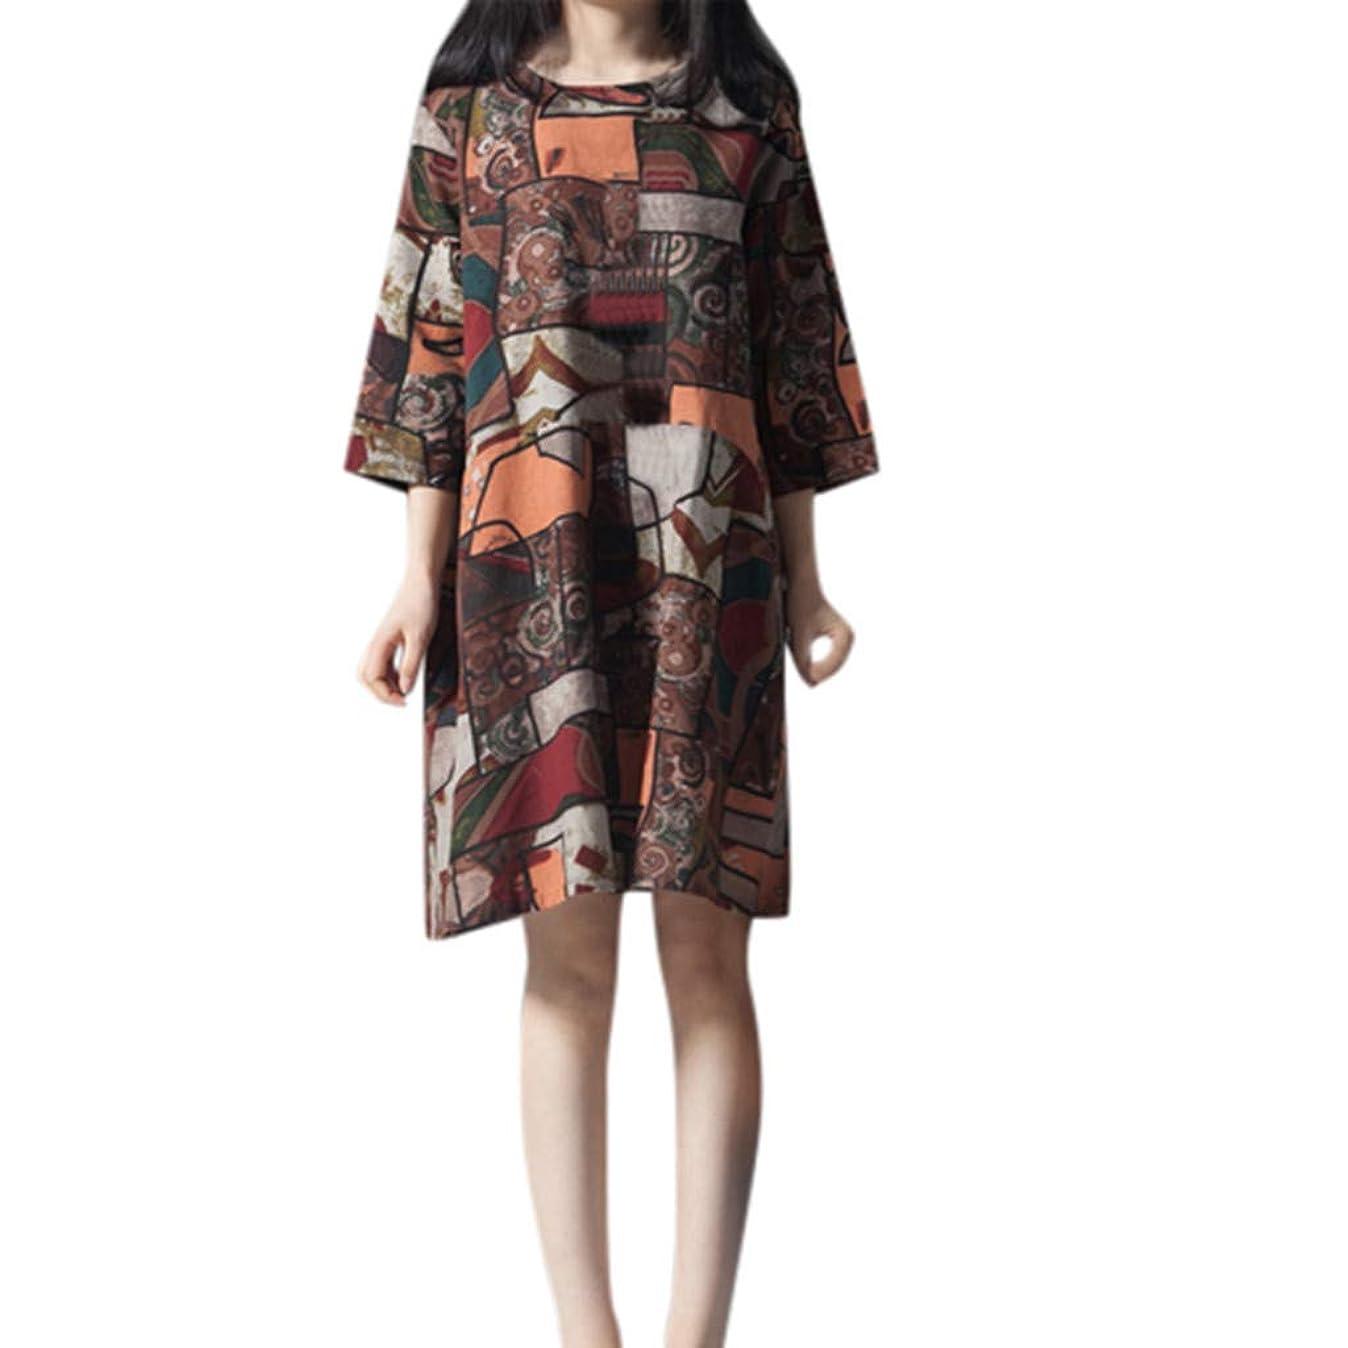 下に向けます発掘するプレートワンピース レディース Rexzo 個性 上質 綿麻ワンピース おしゃれ 人気 リネンワンピ ゆったり 体型カバー ワンピース 人気 ファッション スカート 大きいサイズ 着心地 ドレス お出かけ 日常 パーティー